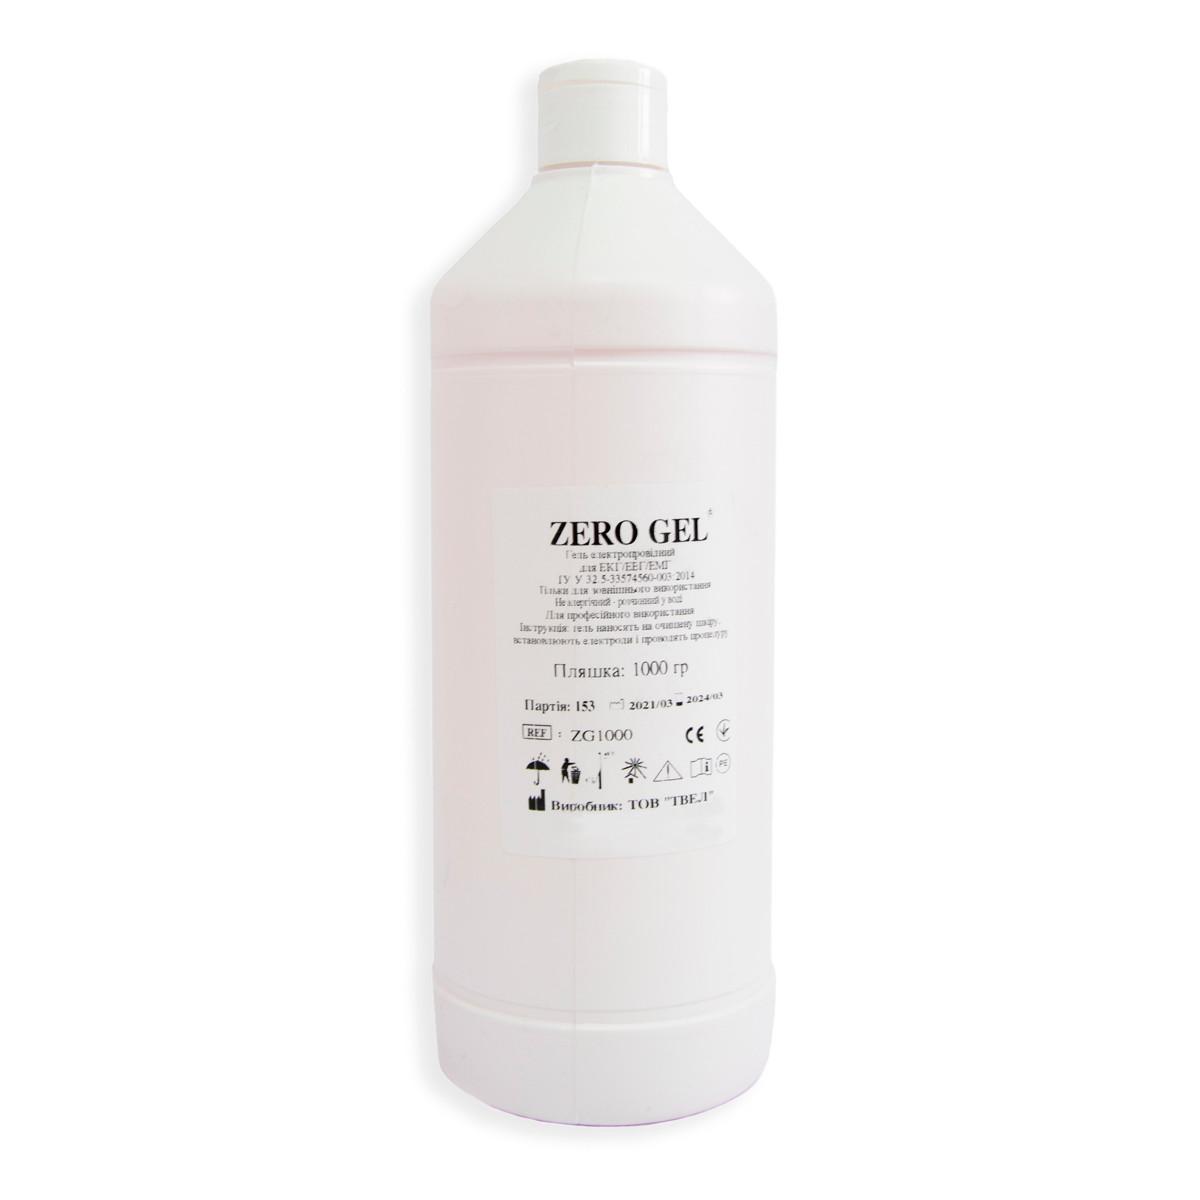 Гель Zero gel (1 л) токопроводящий для ЭКГ, УЗИ, ЕЕГ, миостимулятора контактный электродный, медицинский (ST)